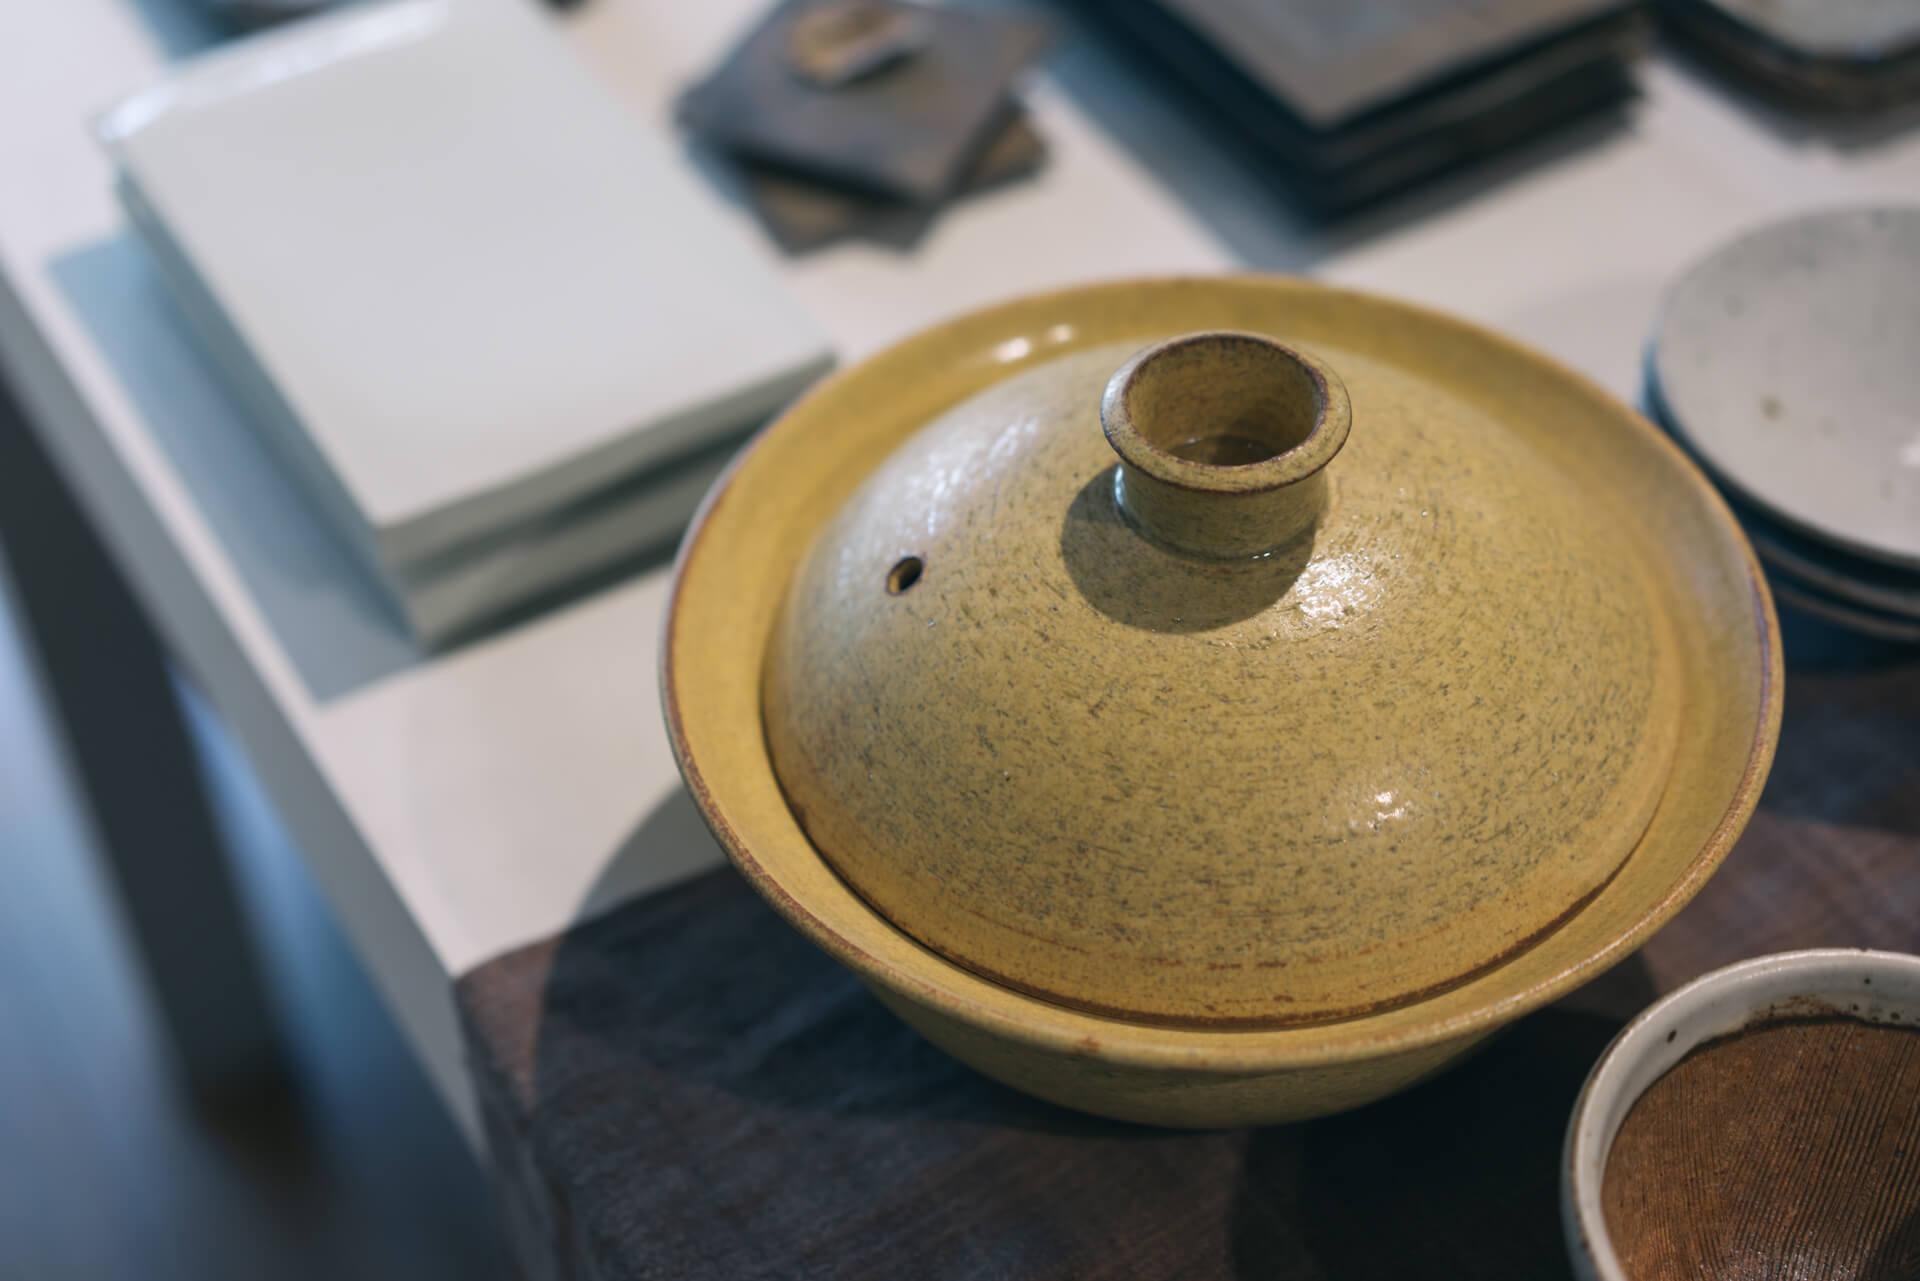 きれいな黄色が印象的な鍋は、小川佳子(おがわよしこ)さんのもの。直火やオーブンでも使えるということで、寒い季節に大活躍しそう。